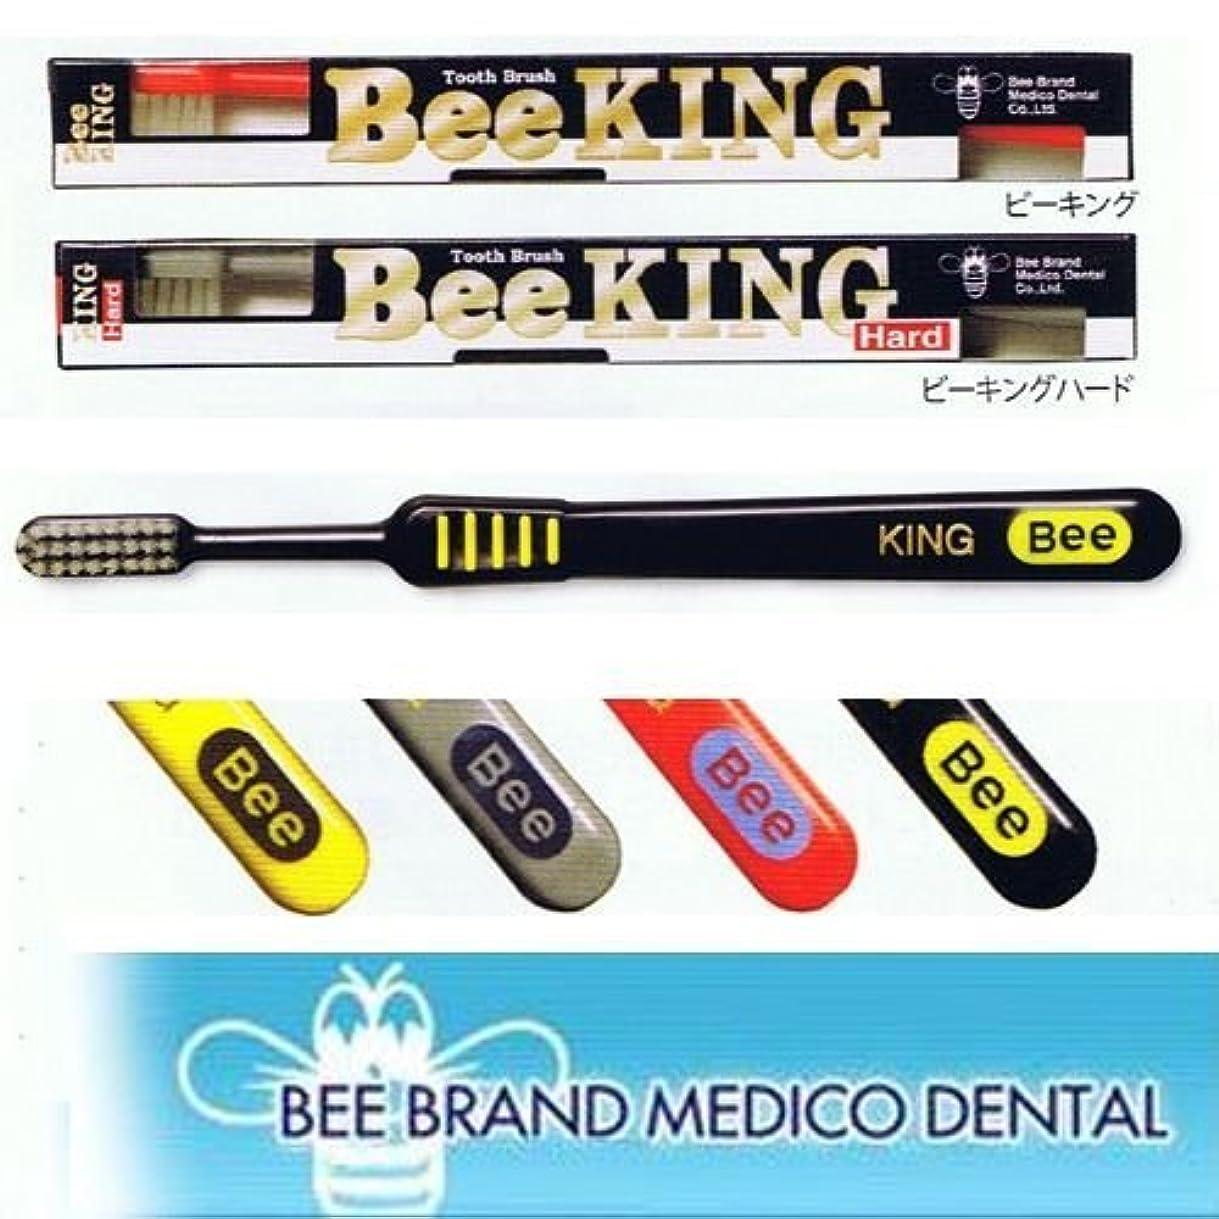 レポートを書く作る自体BeeBrand Dr.BEE 歯ブラシ キング ふつう